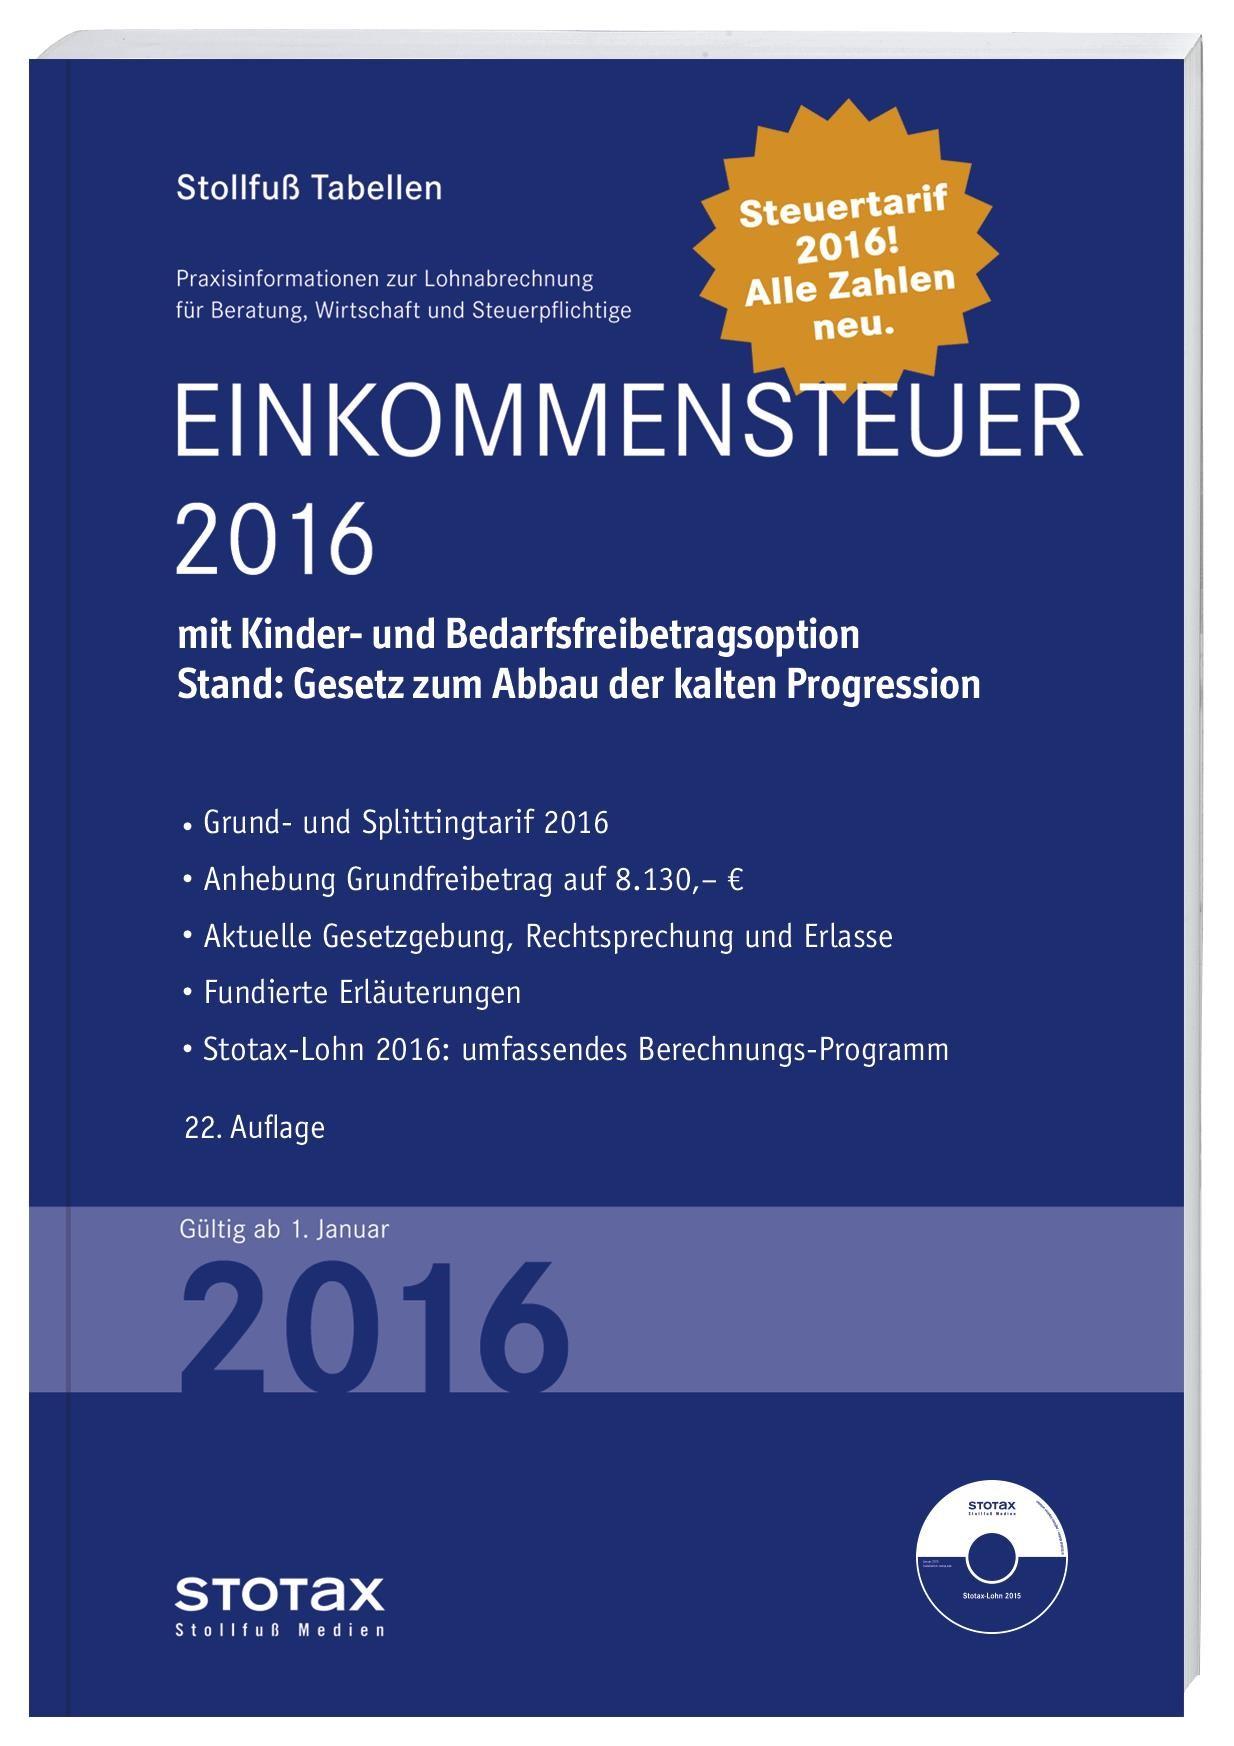 Tabelle, Einkommensteuer 2016, 2016 (Cover)